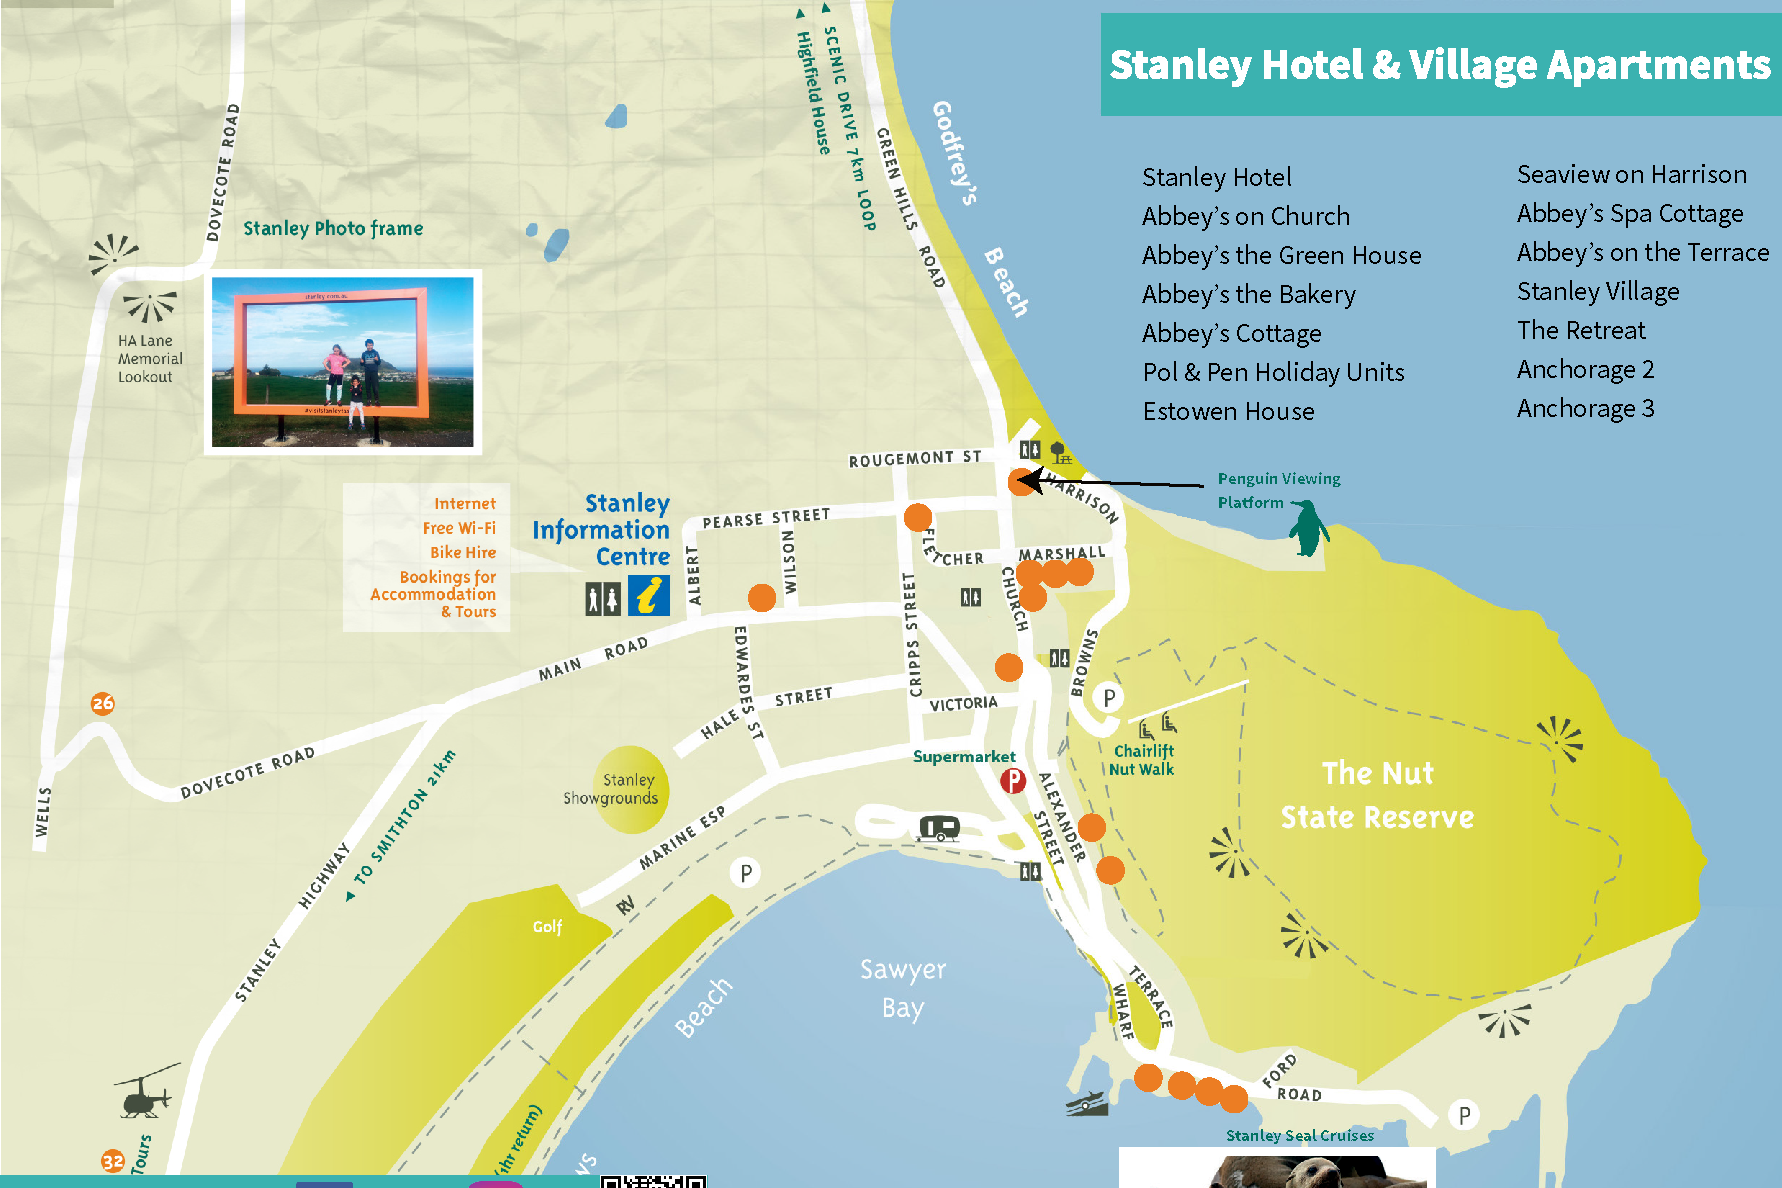 seaview-map.png